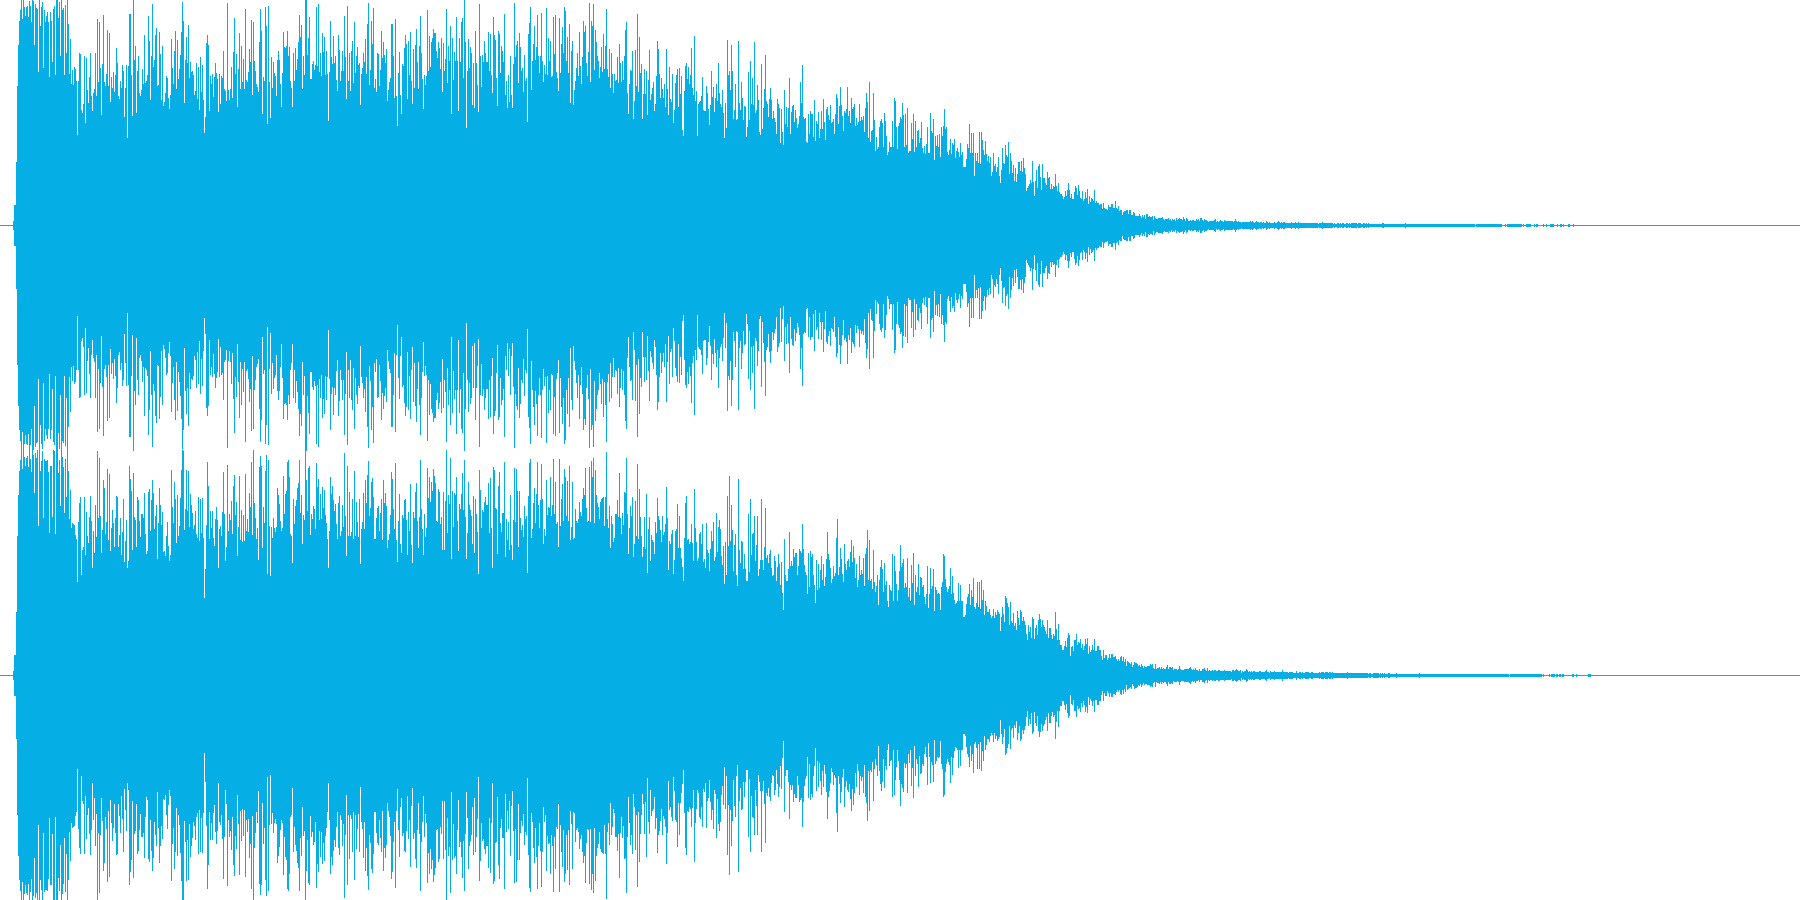 ビィーーン!(レーザー、強力、禍々しい)の再生済みの波形